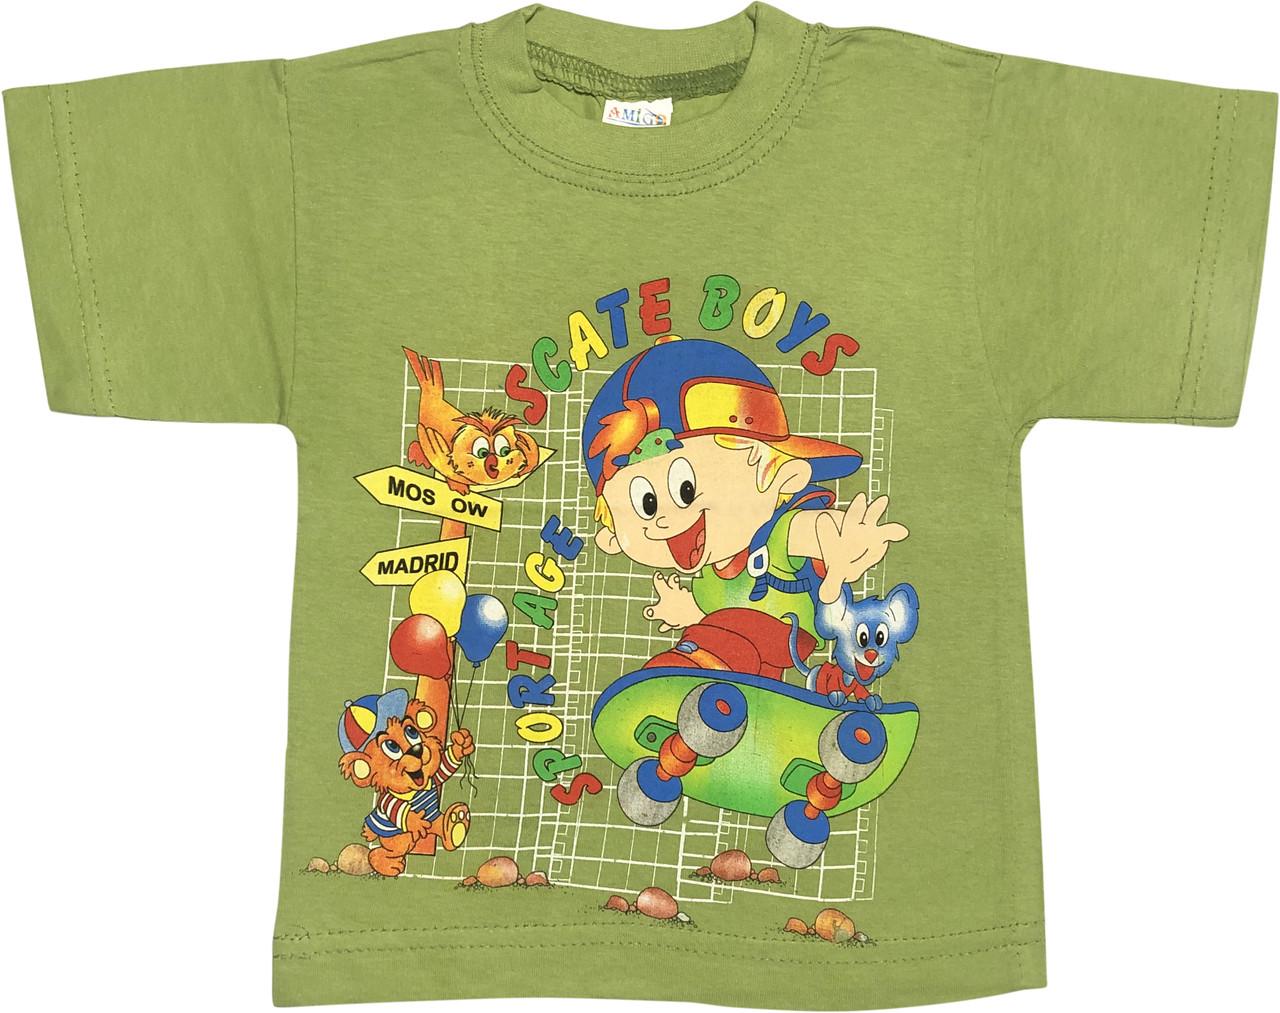 Детская футболка на мальчика рост 86 1-1,5 года для новорожденных с принтом яркая летняя трикотажная салатовая